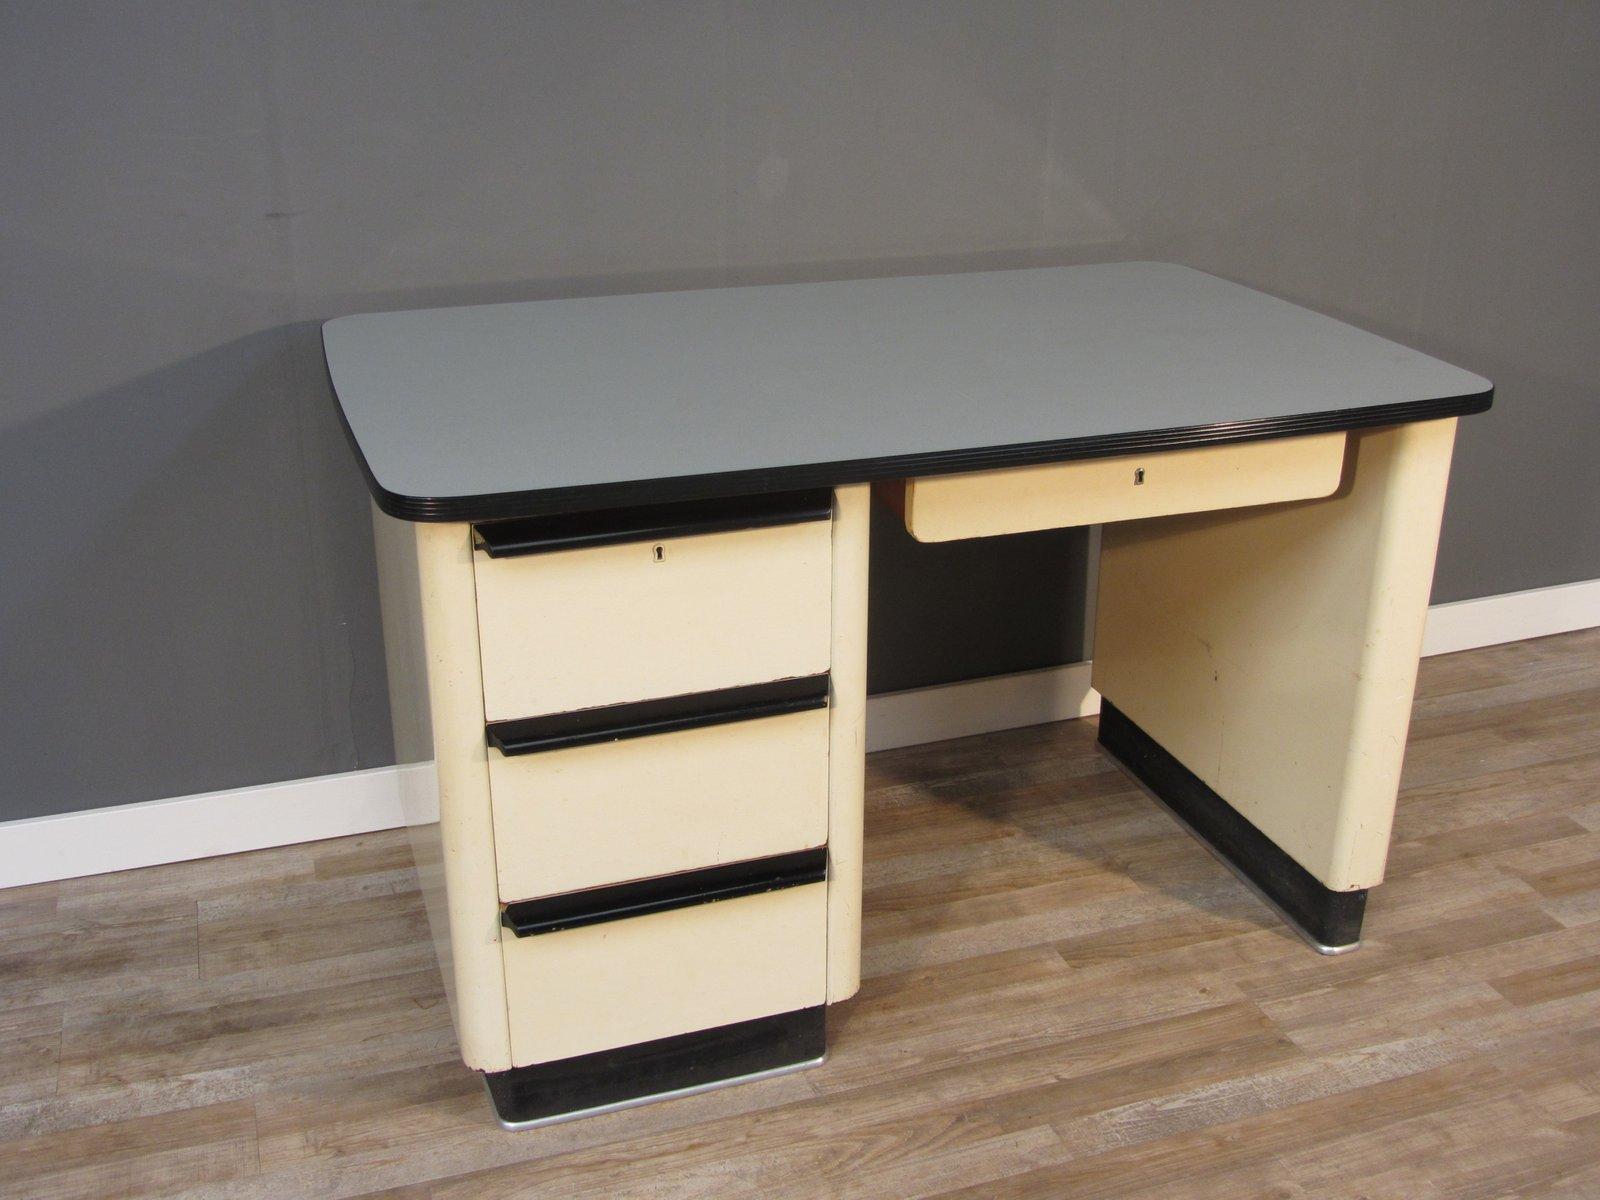 schreibtisch im art deco stil 1950er bei pamono kaufen. Black Bedroom Furniture Sets. Home Design Ideas